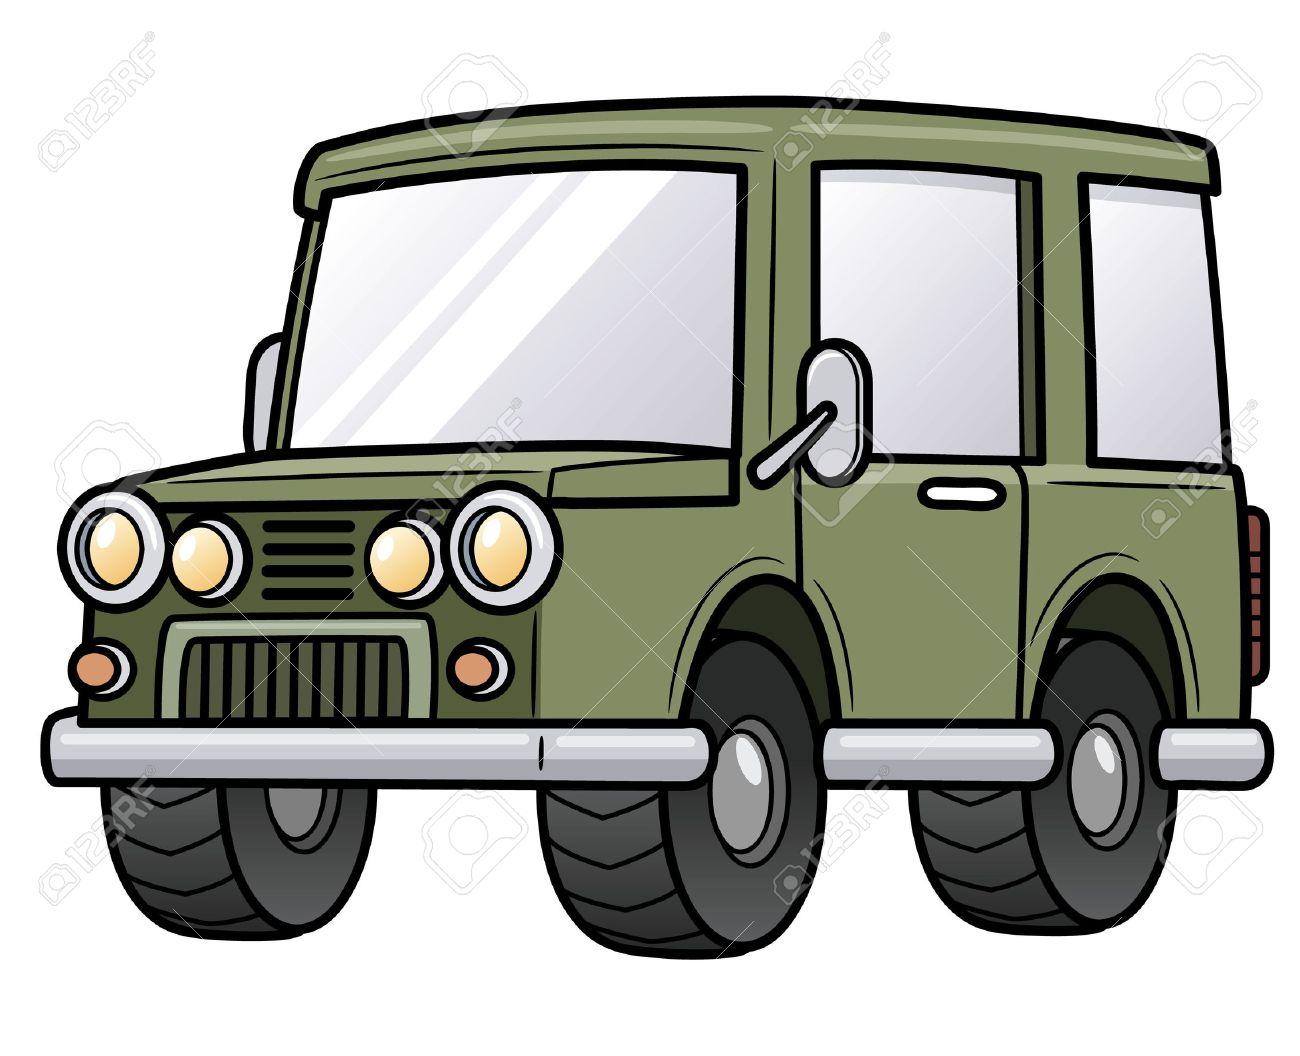 漫画のジープのベクトル イラストのイラスト素材ベクタ Image 19006207